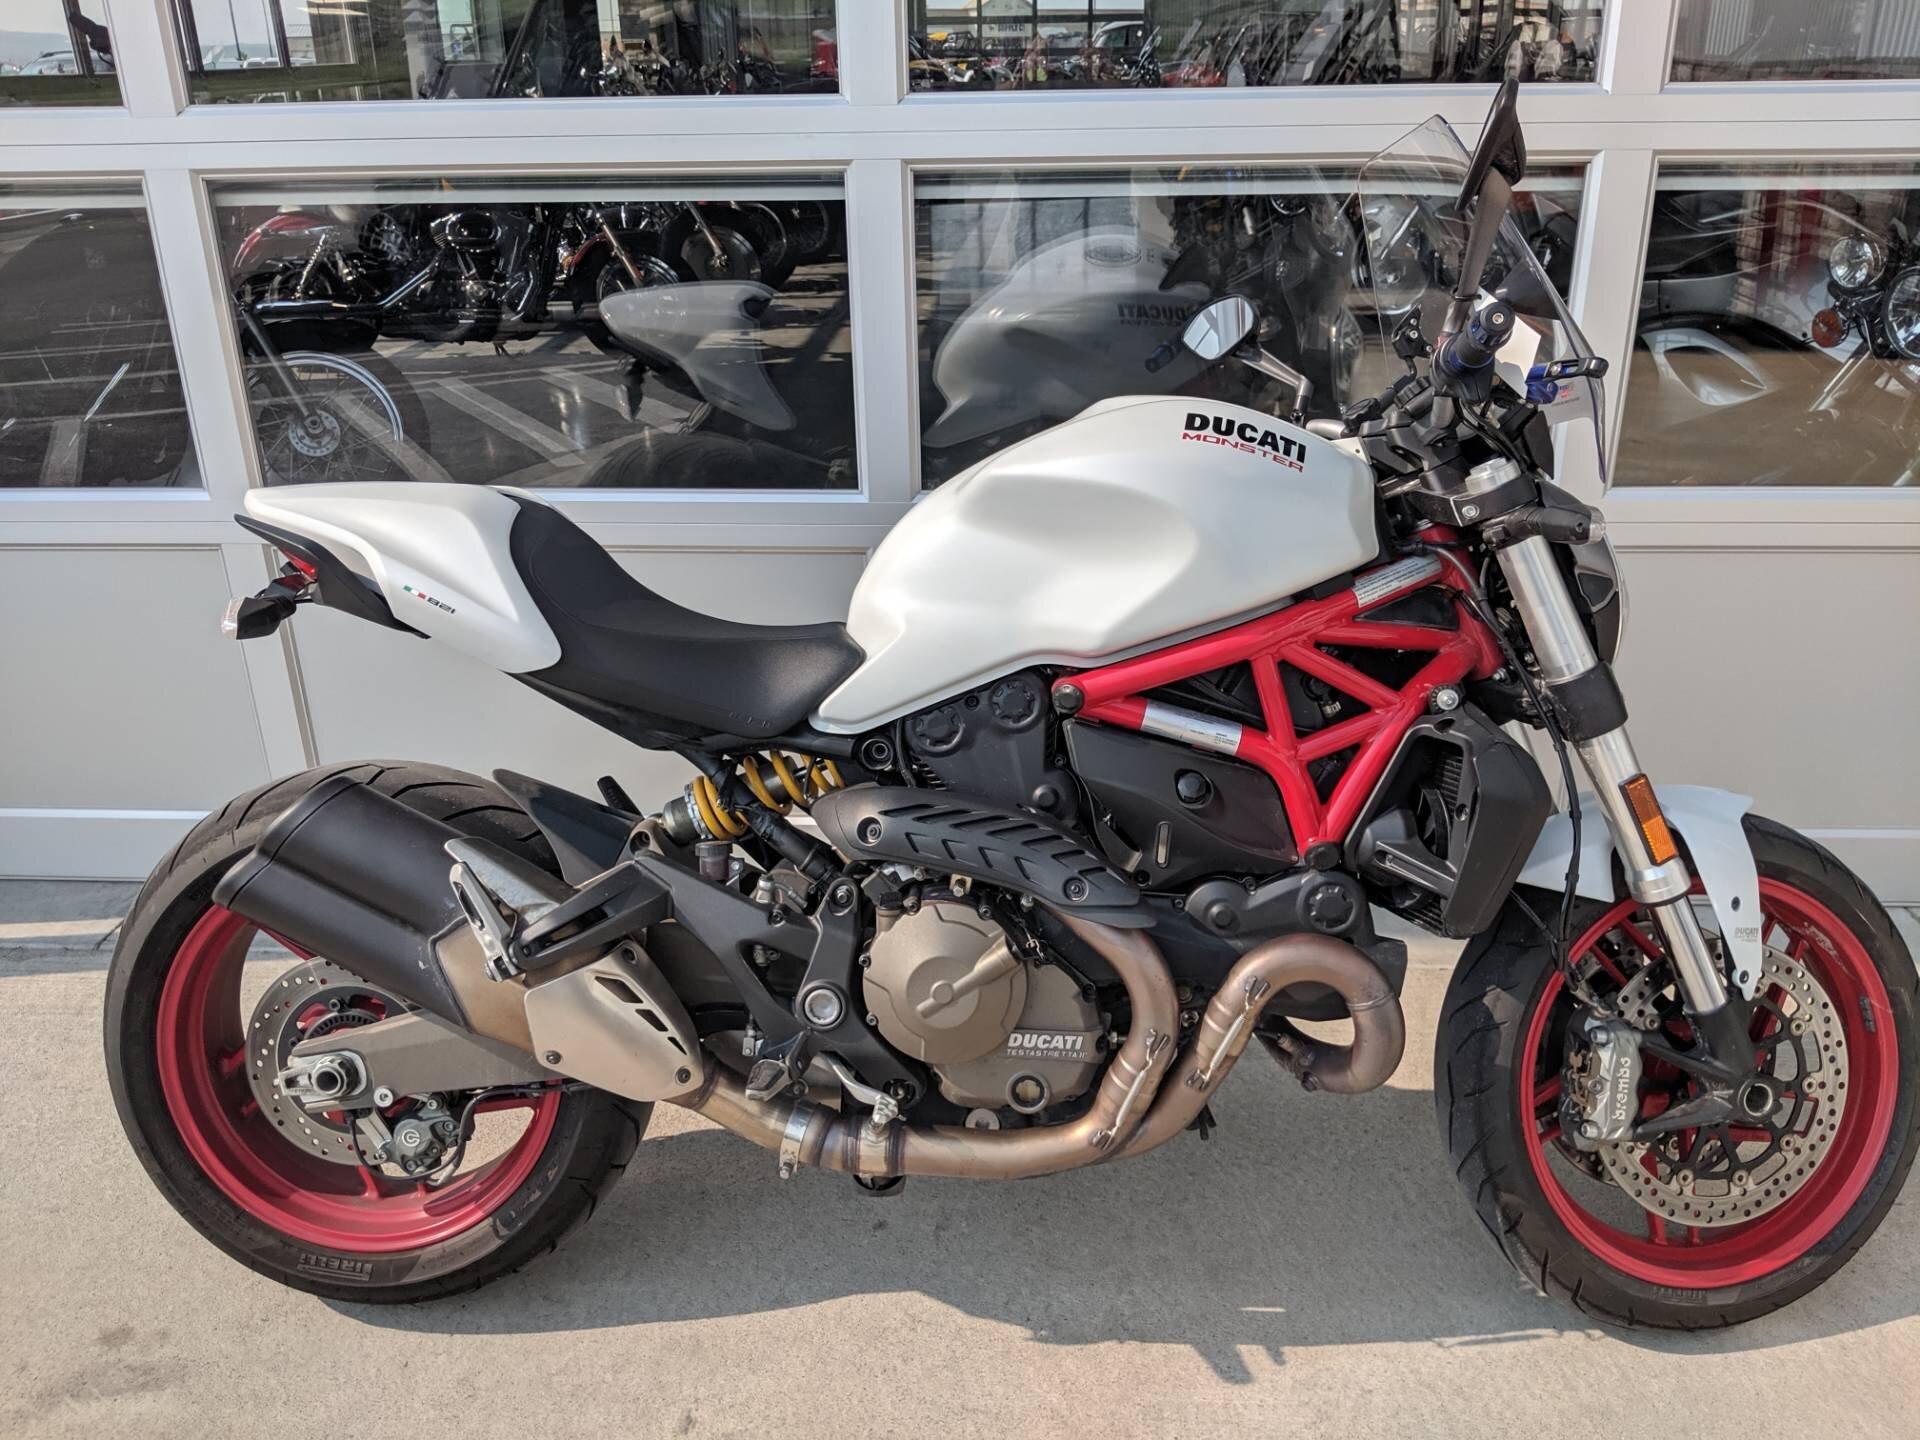 Ngoại hình thể thao, khỏe khoắn của Ducati Monster 821